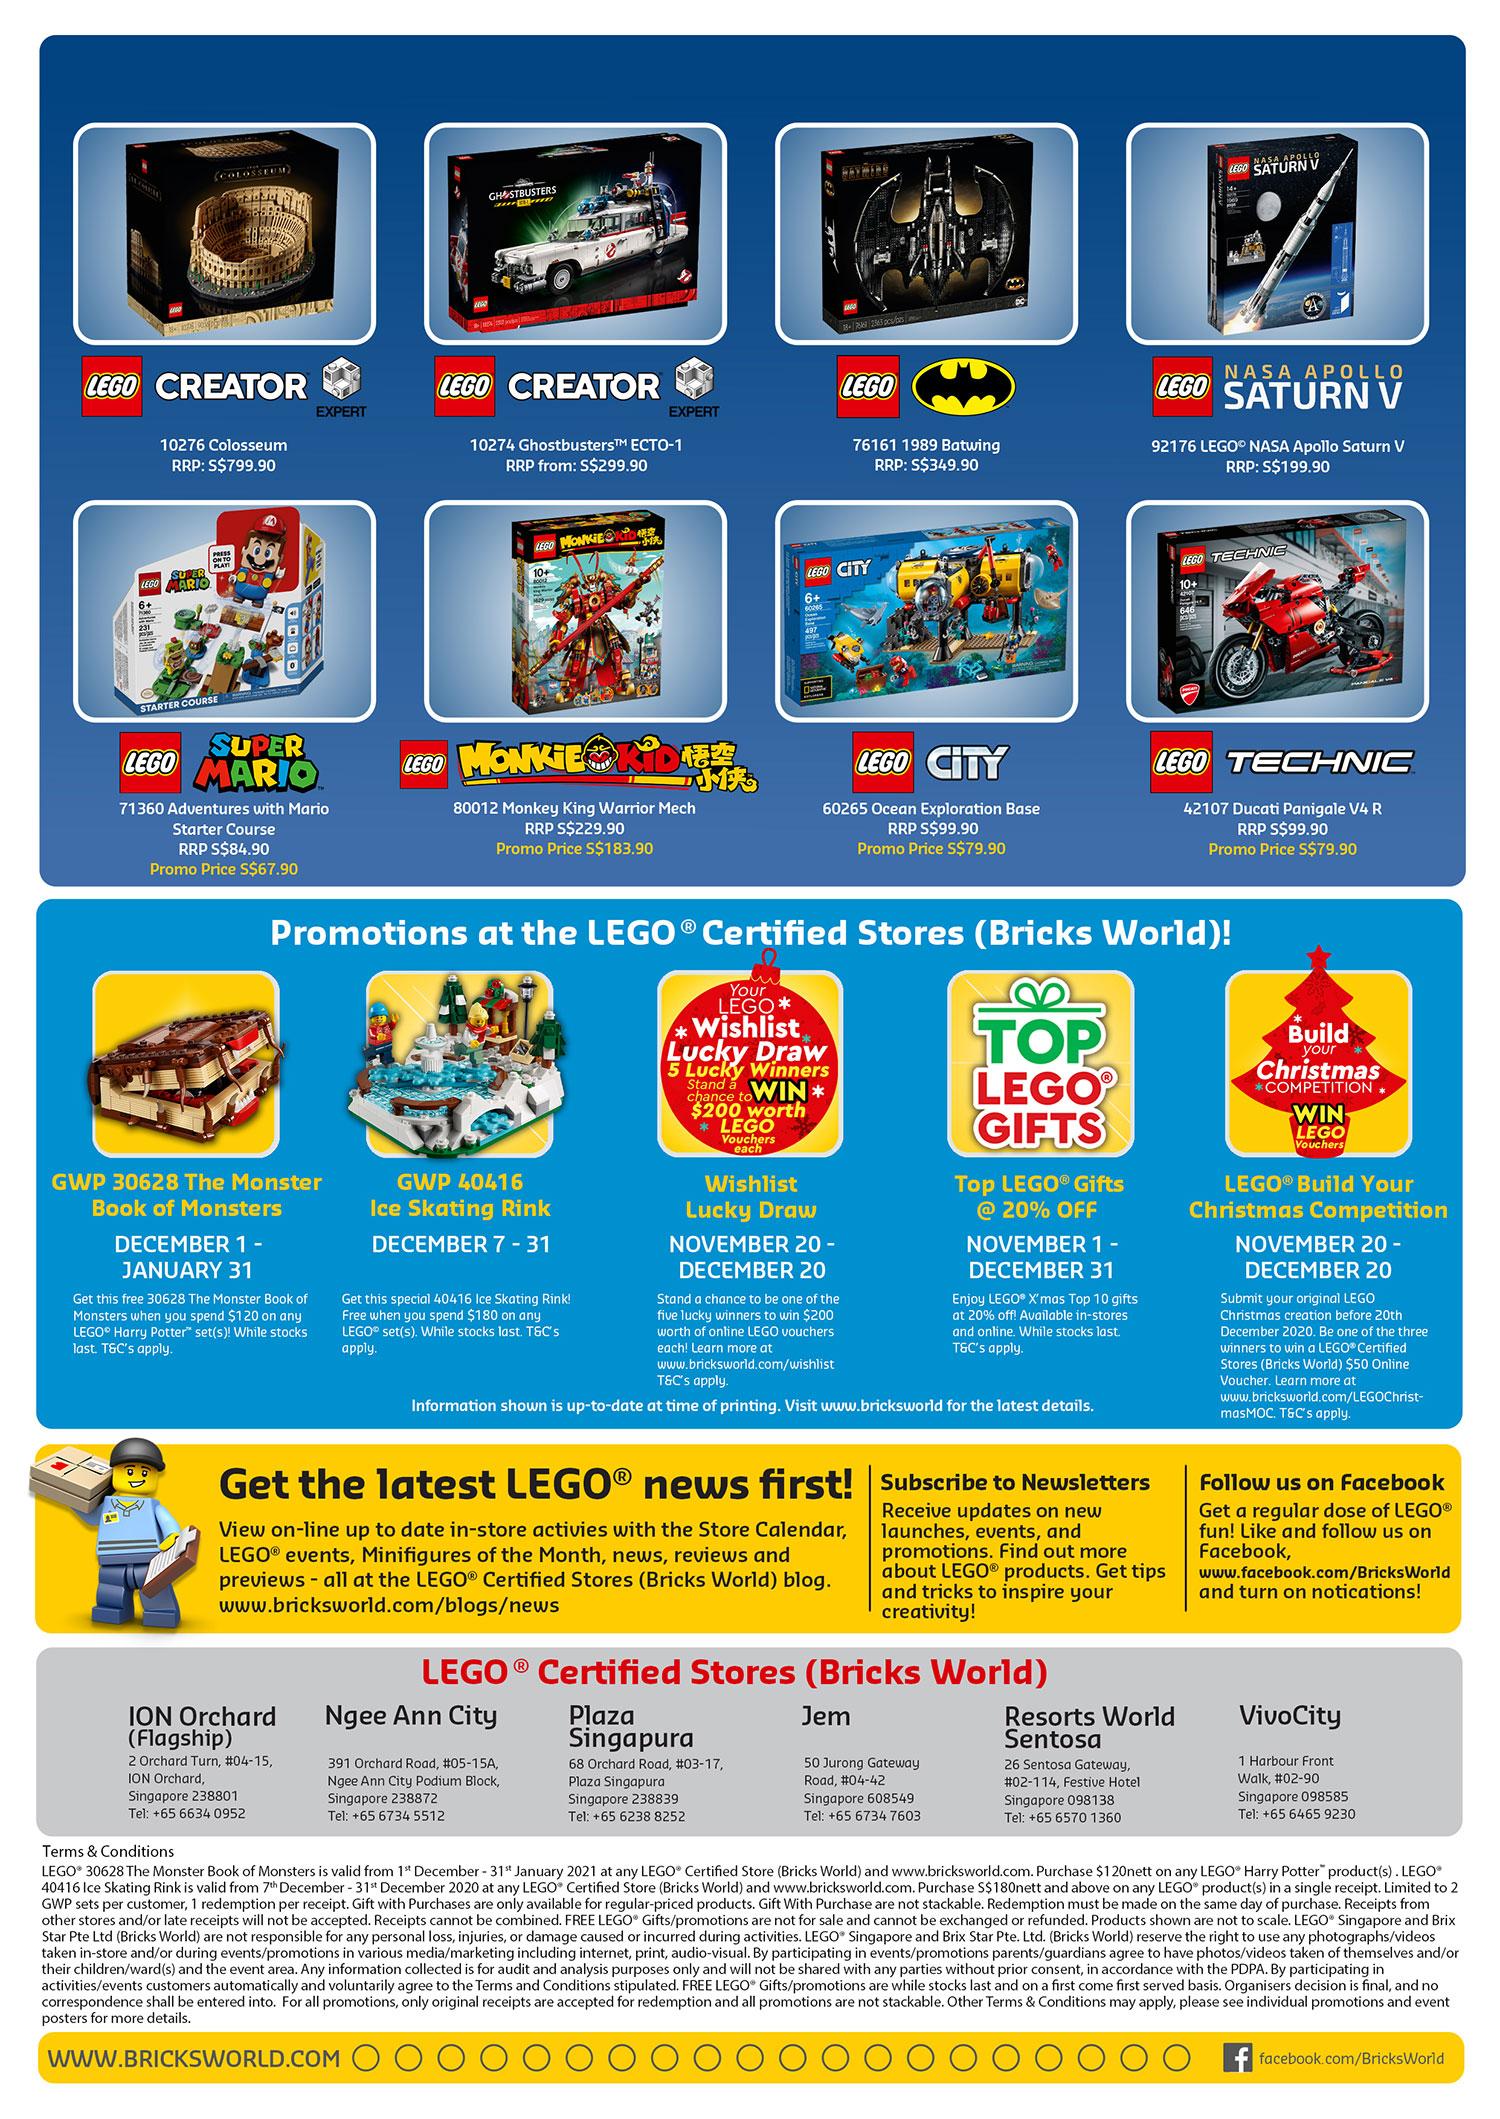 Brickfinder   Bricks World LEGO Certified Store Calendar December